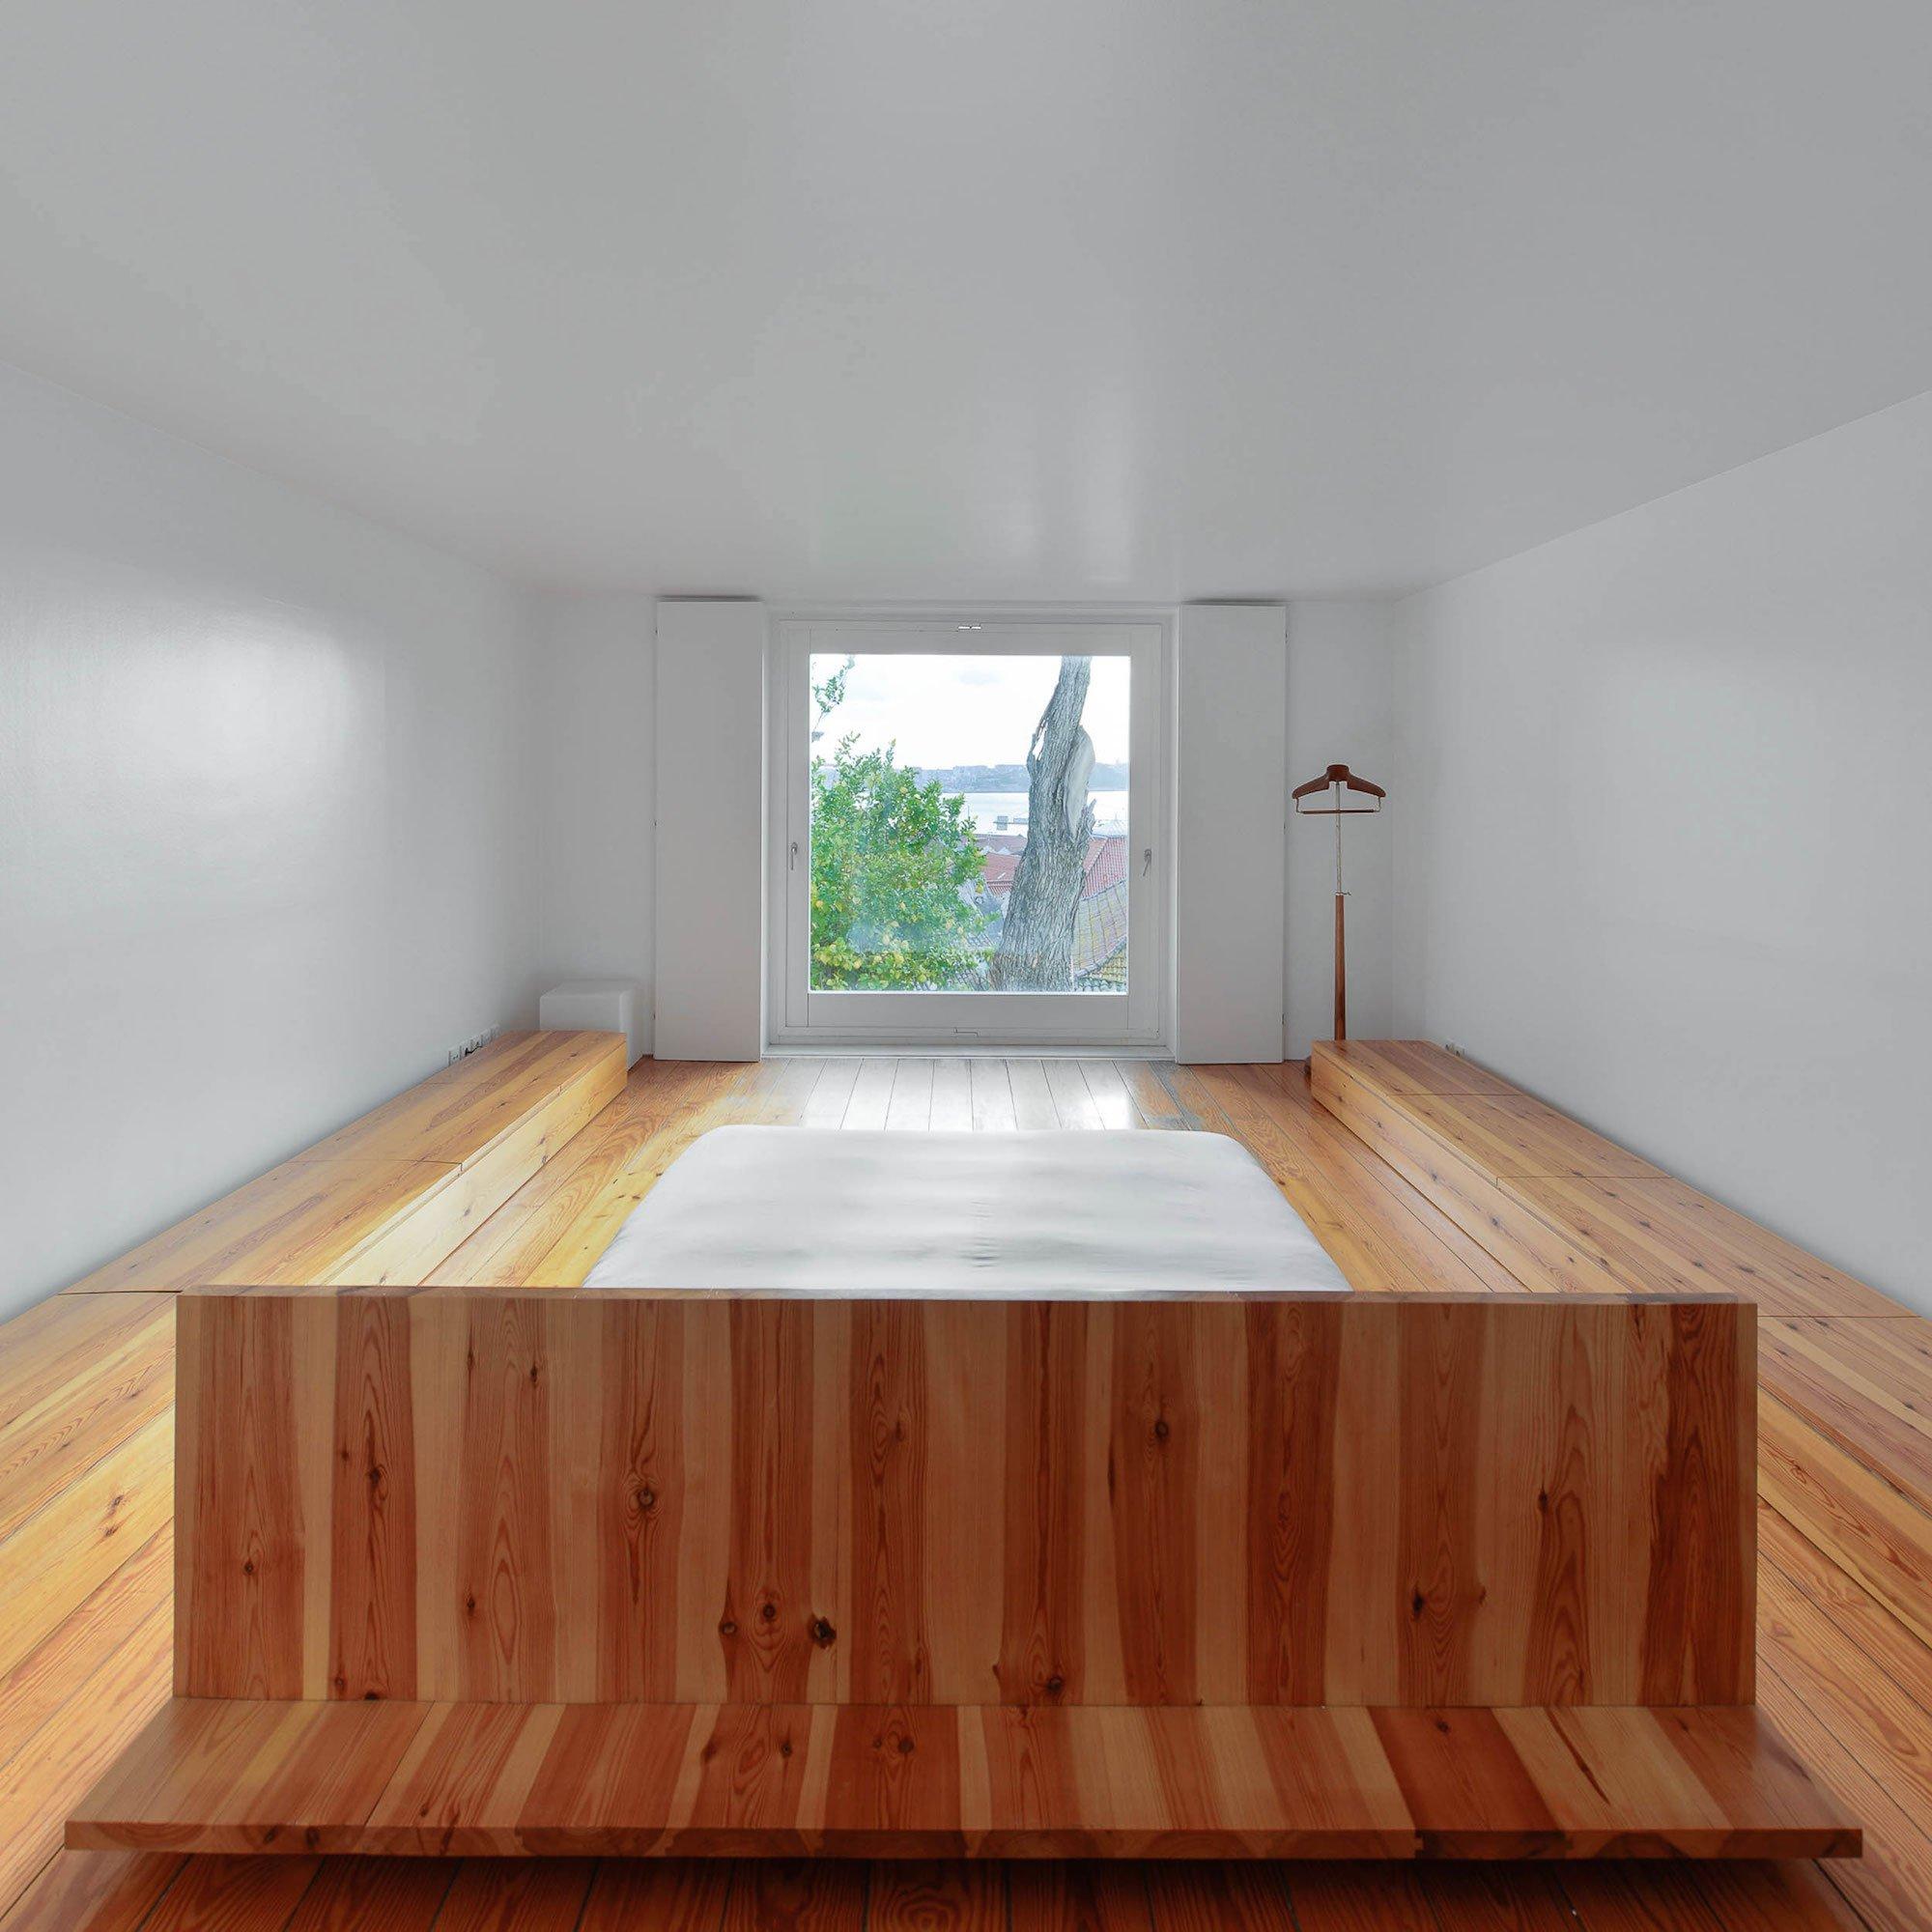 Casa-na-Rua-de-Sao-Mamede-ao-Caldas-36